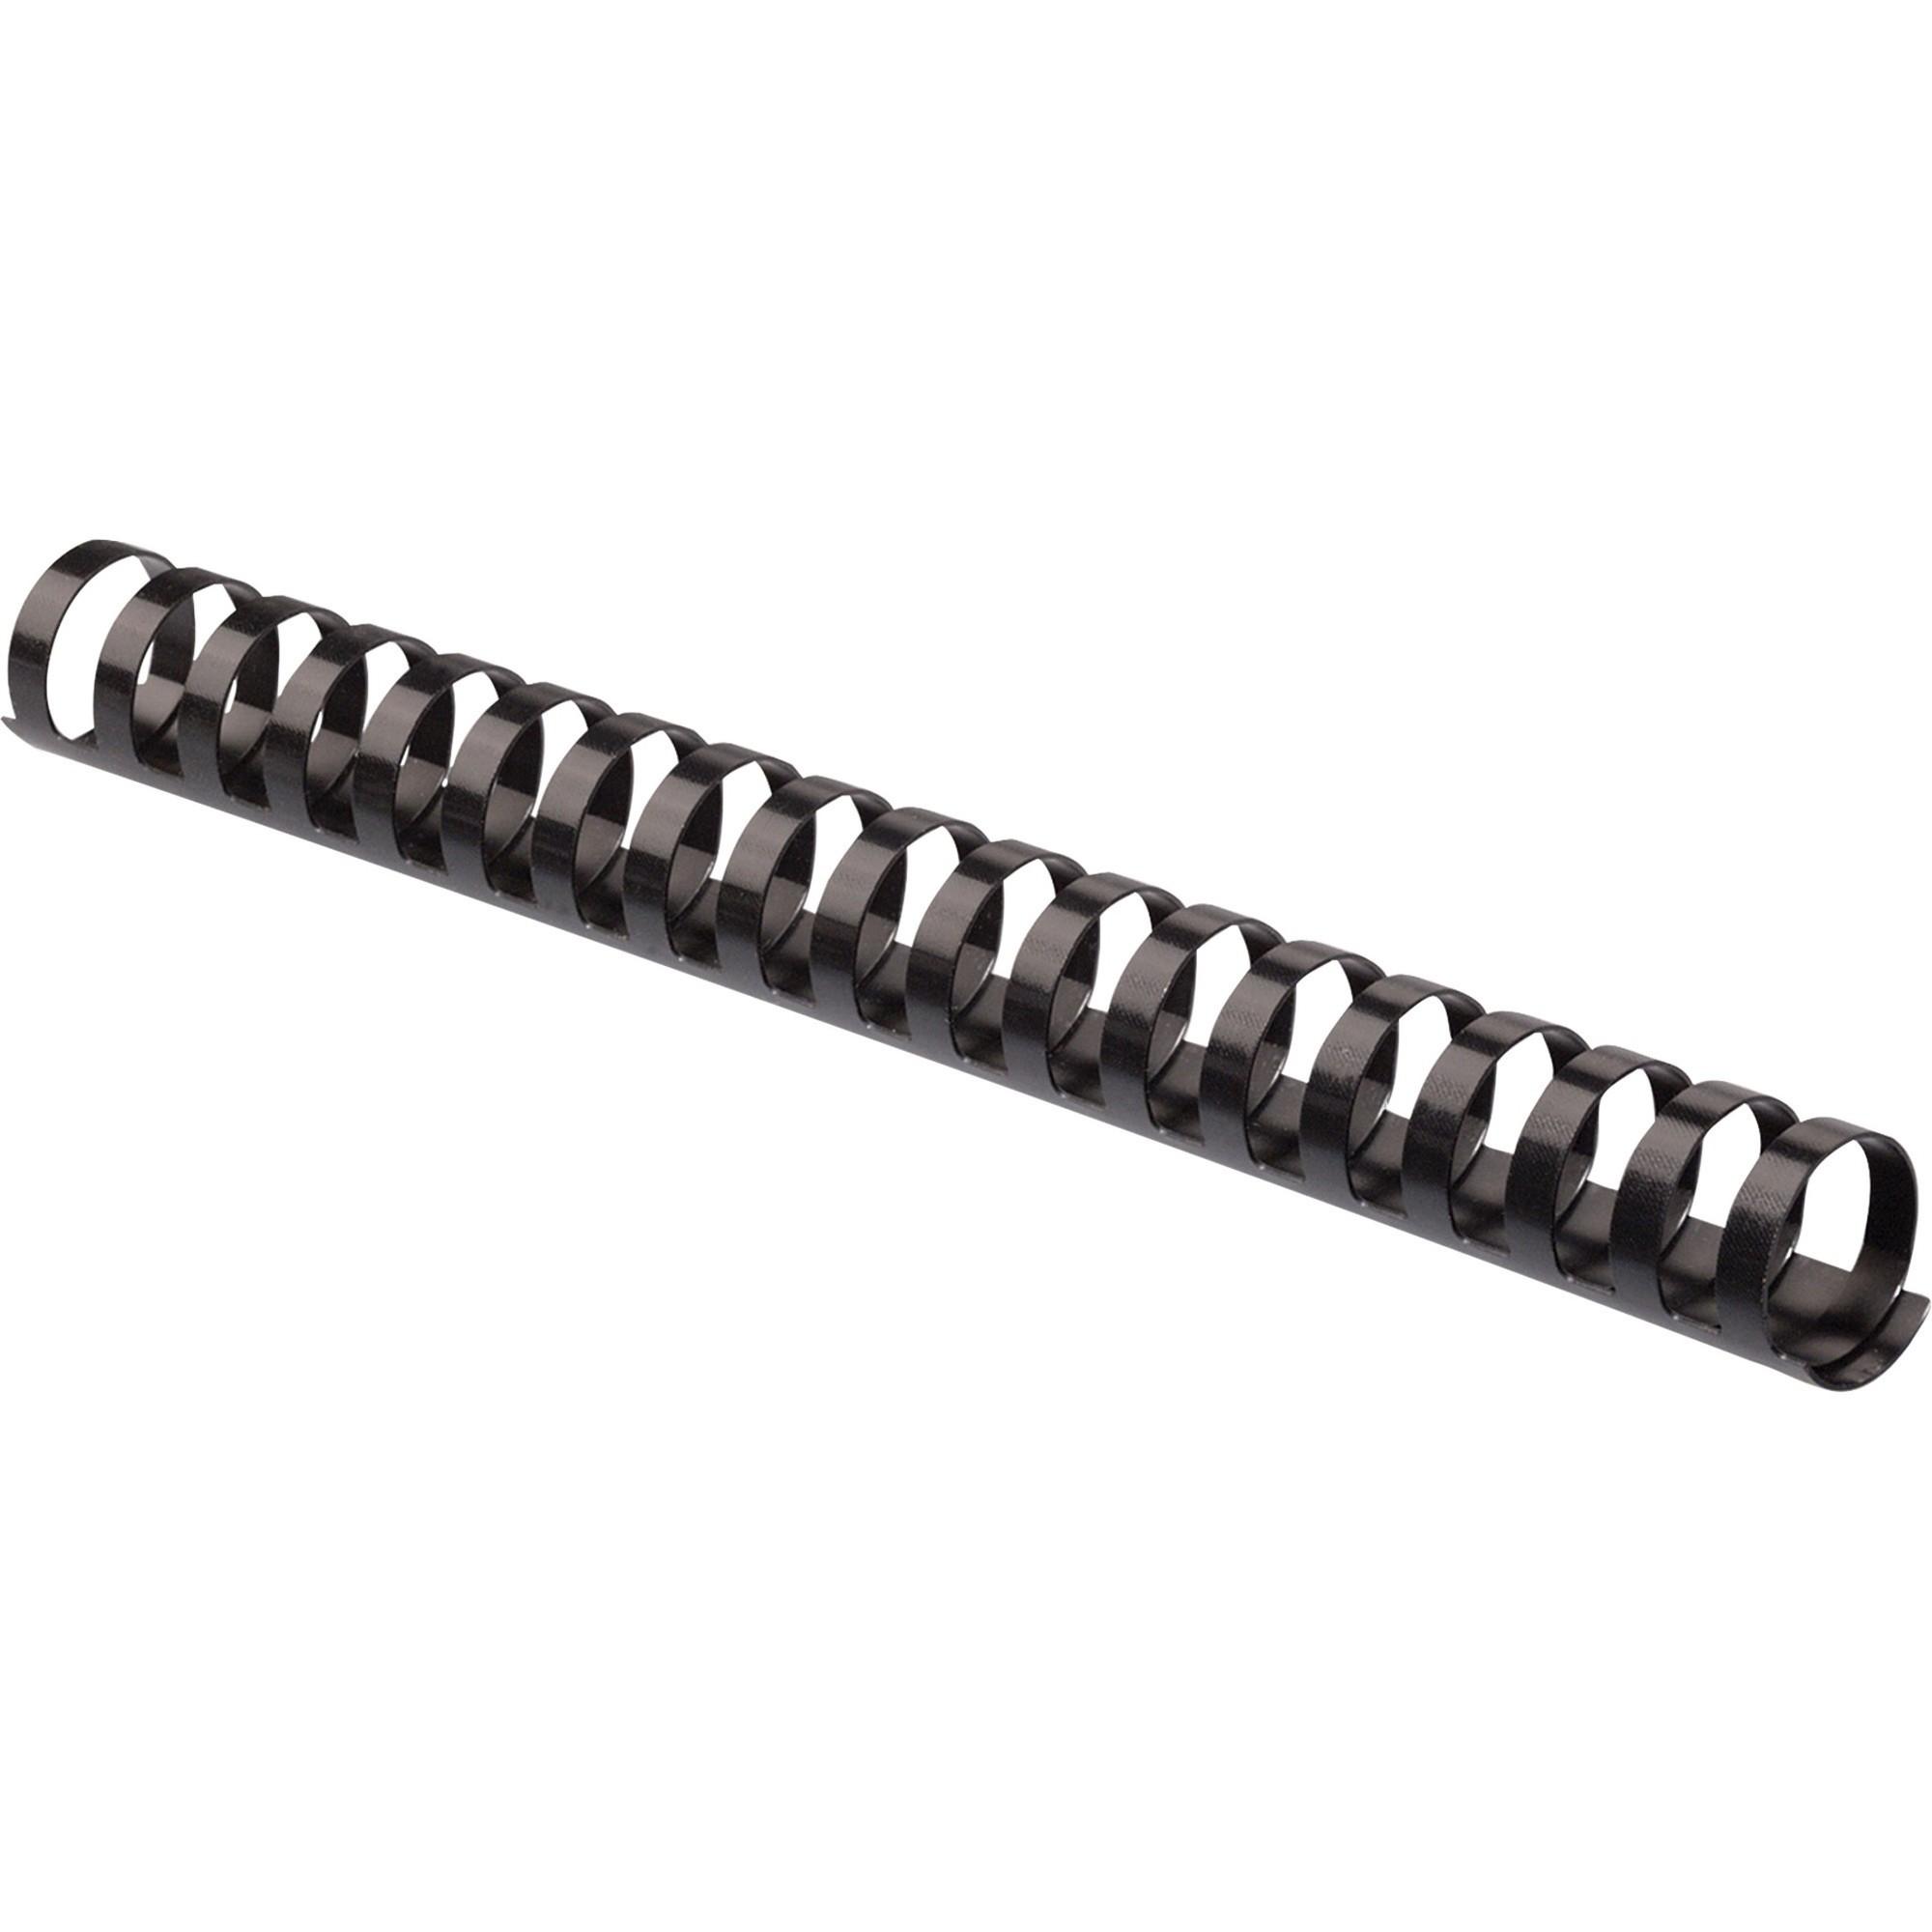 """Plastic Comb Bindings, 3/4"""" Diameter, 150 Sheet Capacity, Black, 100 Combs/Pack"""